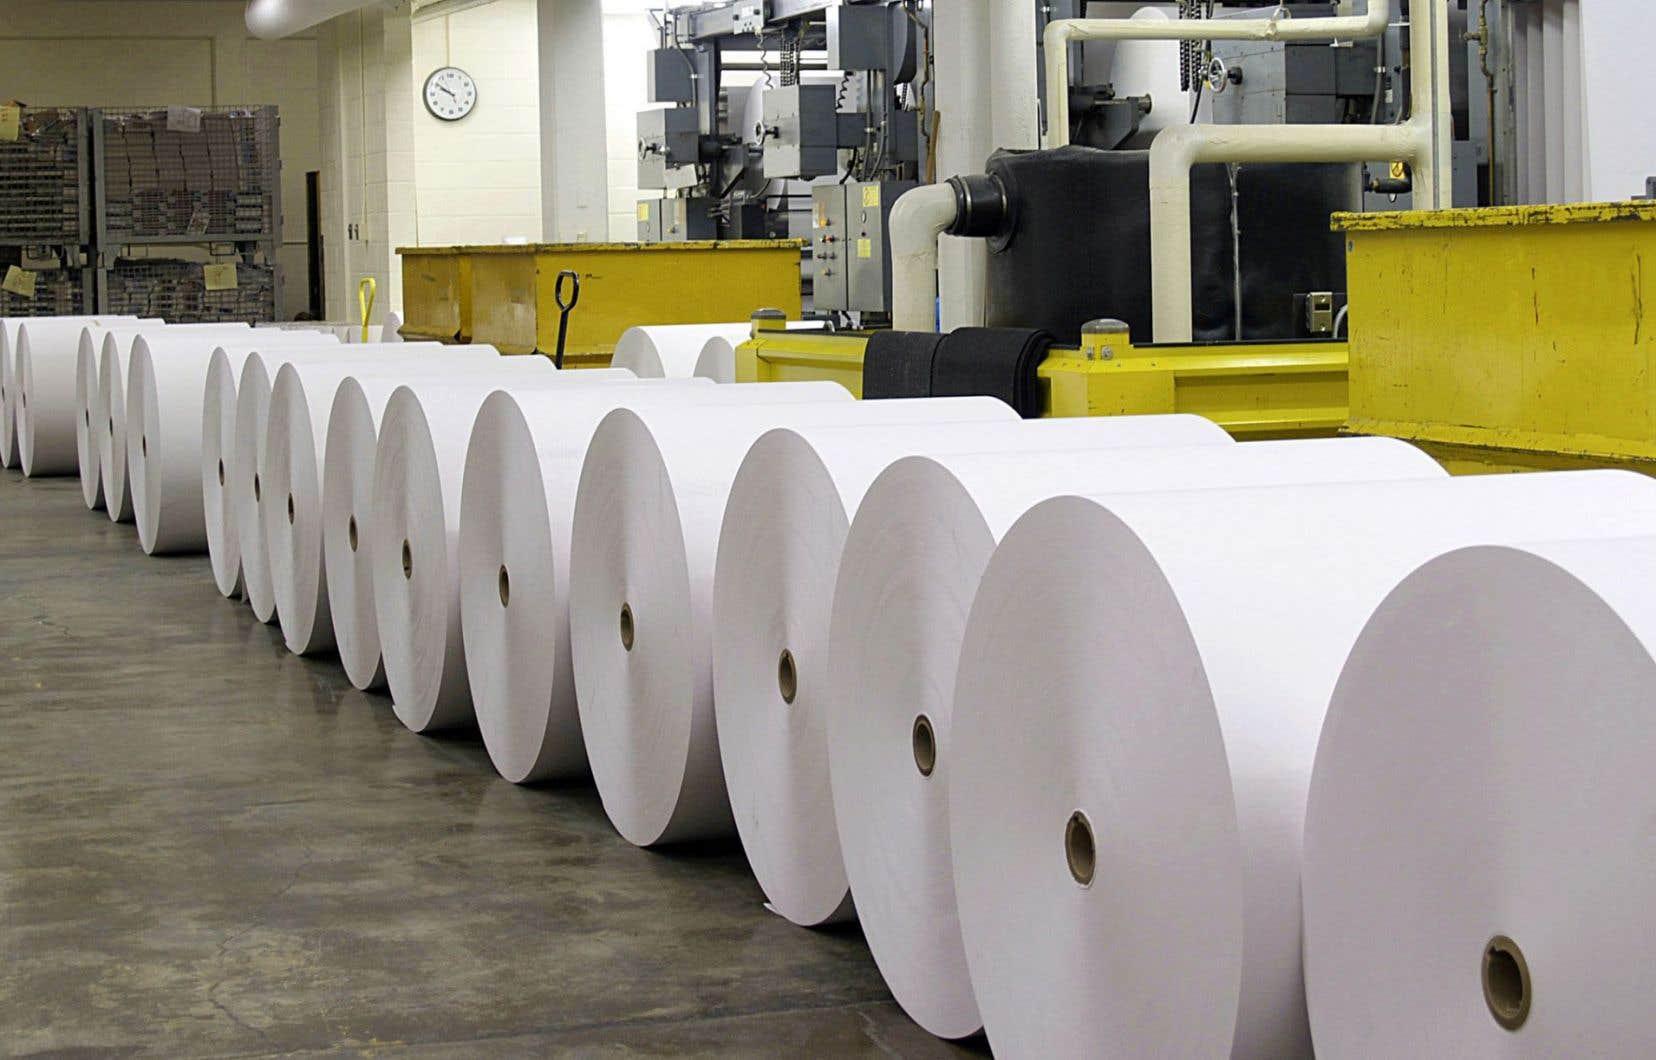 La réduction de la demande pour le papier journal a amené Resolu à se tourner vers le papier tissu.